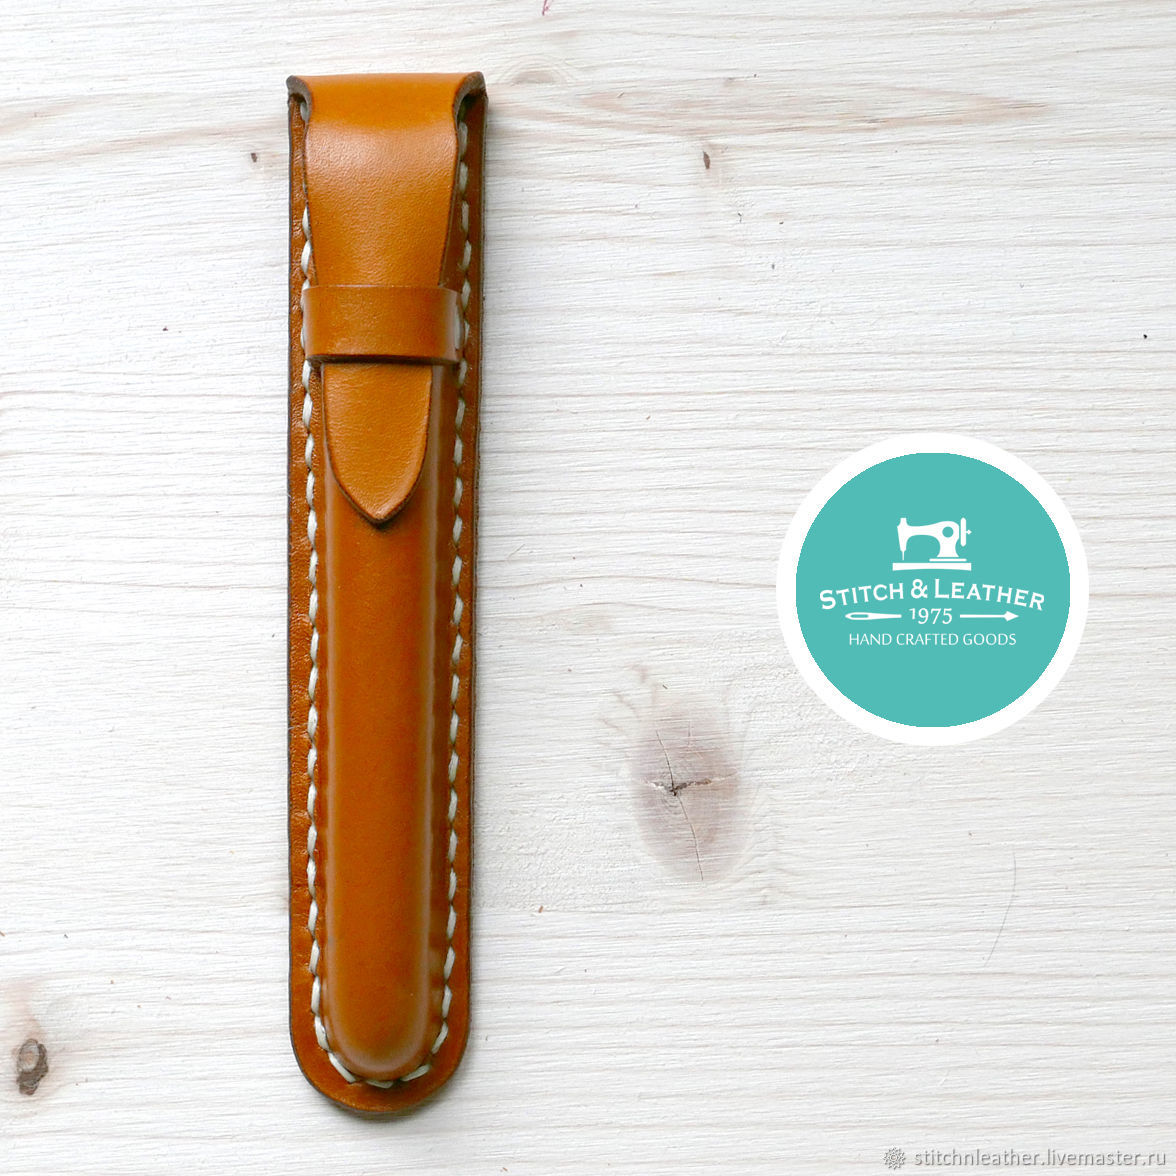 футляр для ручки Stitch&leather